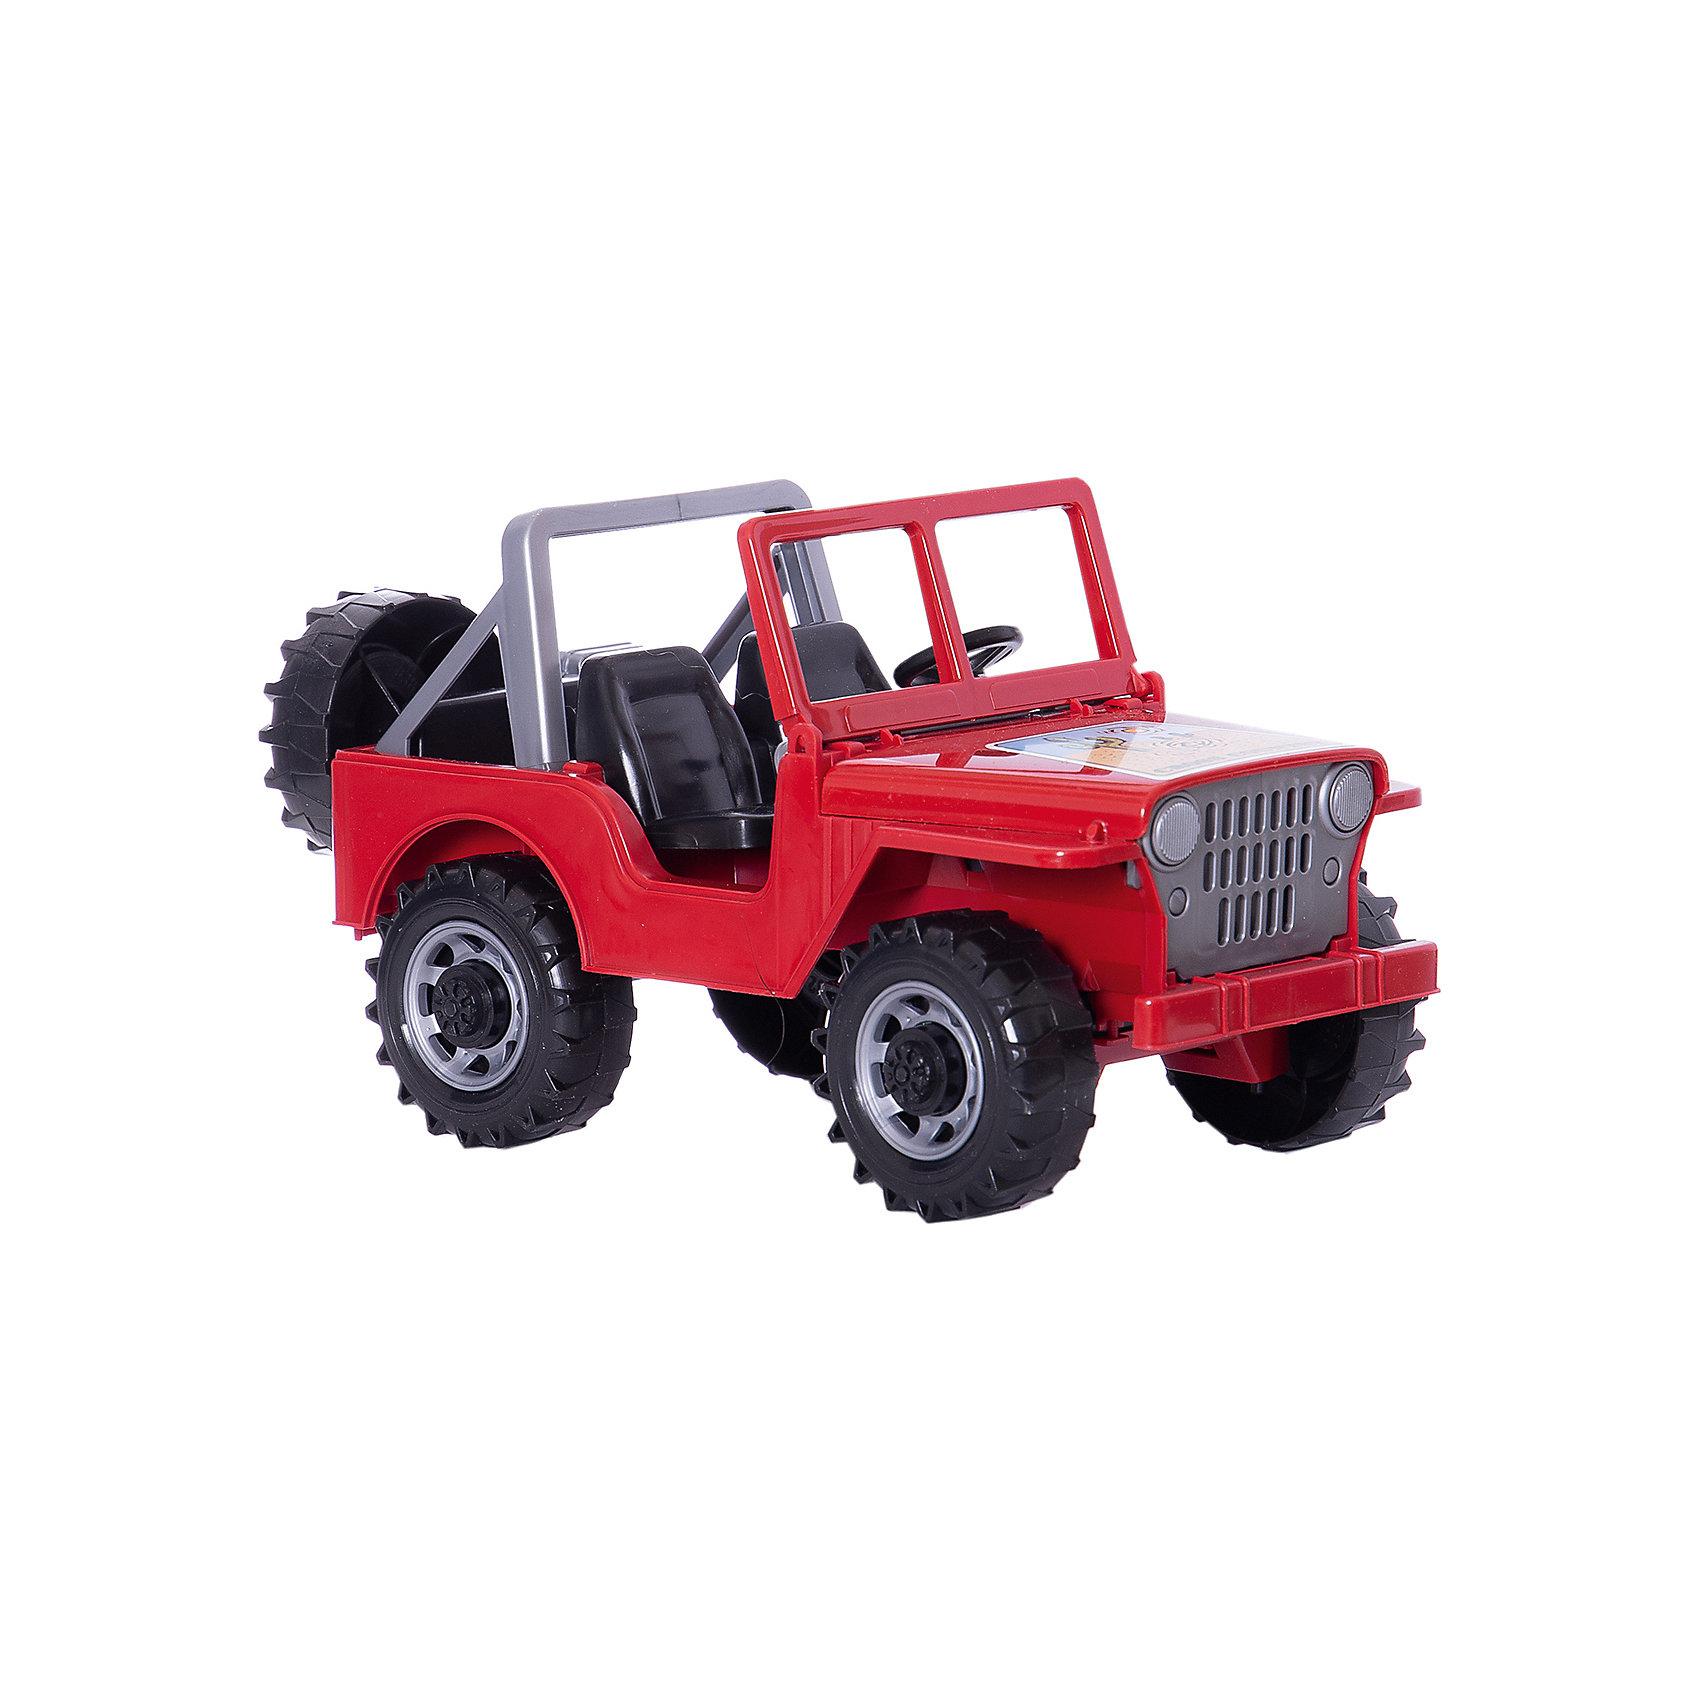 Bruder Джип Jeep, красныйМашинки<br>Bruder Джип Jeep, красный (Брудер) ? эта машинка из серии TOP PROFI SERIES представляет собой<br>копию джипа Land Rover Defender без крыши, выполненную в масштабе 1:16. Модель выполнена из высокопрочного пластика яркой расцветки, устойчивой к изменению цвета во время эксплуатации. Все элементы и детали джипа полностью соответствуют своему реальному прототипу: открытая кабина, открывающийся капот и опускающееся лобовое стекло. При вращении руля передние колеса поворачиваются. Кроме того, имеются все атрибуты для того, чтобы совершить длительное путешествие: имеется запасное колесо и канистра для бензина. Колеса, как у настоящего джипа, обладают высокой проходимостью за счет большого размера и крупного рисунка на протекторах шин.<br>Bruder Джип Jeep, красный (Брудер) доставит настоящее удовольствие во время игры маленьким автолюбителям.<br>Джип Брудер ? идеальное решение для подарка мальчику к любому празднику или торжеству. <br><br>Дополнительная информация:<br><br>- Вид игр: сюжетно-ролевые игры <br>- Предназначение: для дома, для улицы<br>- Материал: пластик<br>- Размер (ДхШхВ): 27*18*14 см<br>- Вес: 500 г<br>- Масштаб: 1:16<br>- Комплектация: канистра, запасное колесо<br>- Особенности ухода: разрешается мыть<br><br>Подробнее:<br><br>• Для детей в возрасте: от 3 лет и до 7 лет<br>• Страна производитель: Германия<br>• Торговый бренд: Bruder<br><br>Bruder Джип Jeep, красный (Брудер) можно купить в нашем интернет-магазине.<br><br>Ширина мм: 270<br>Глубина мм: 180<br>Высота мм: 140<br>Вес г: 500<br>Возраст от месяцев: 36<br>Возраст до месяцев: 84<br>Пол: Мужской<br>Возраст: Детский<br>SKU: 4797136